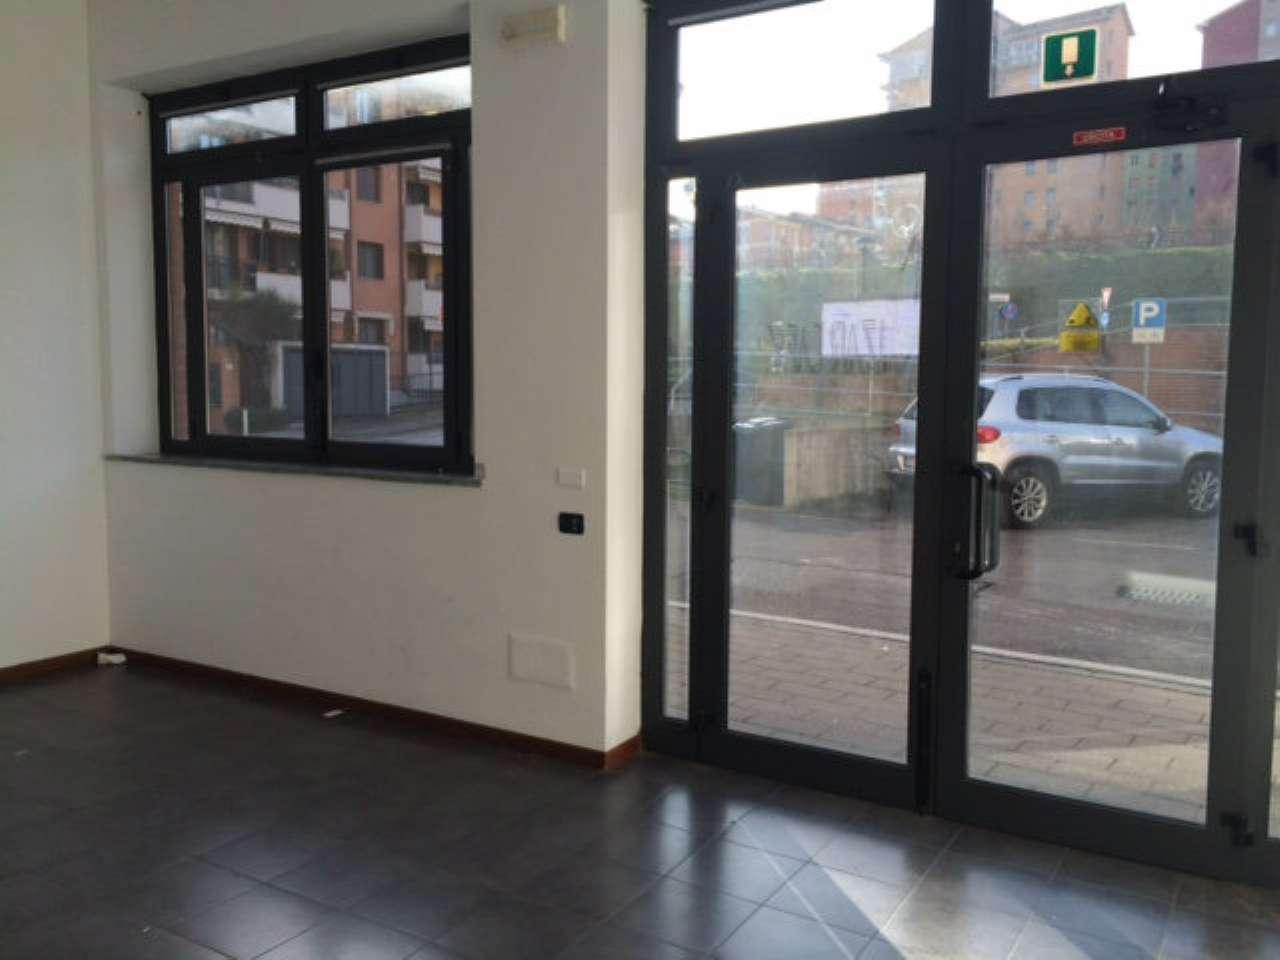 Negozio / Locale in affitto a Melegnano, 1 locali, prezzo € 600 | CambioCasa.it